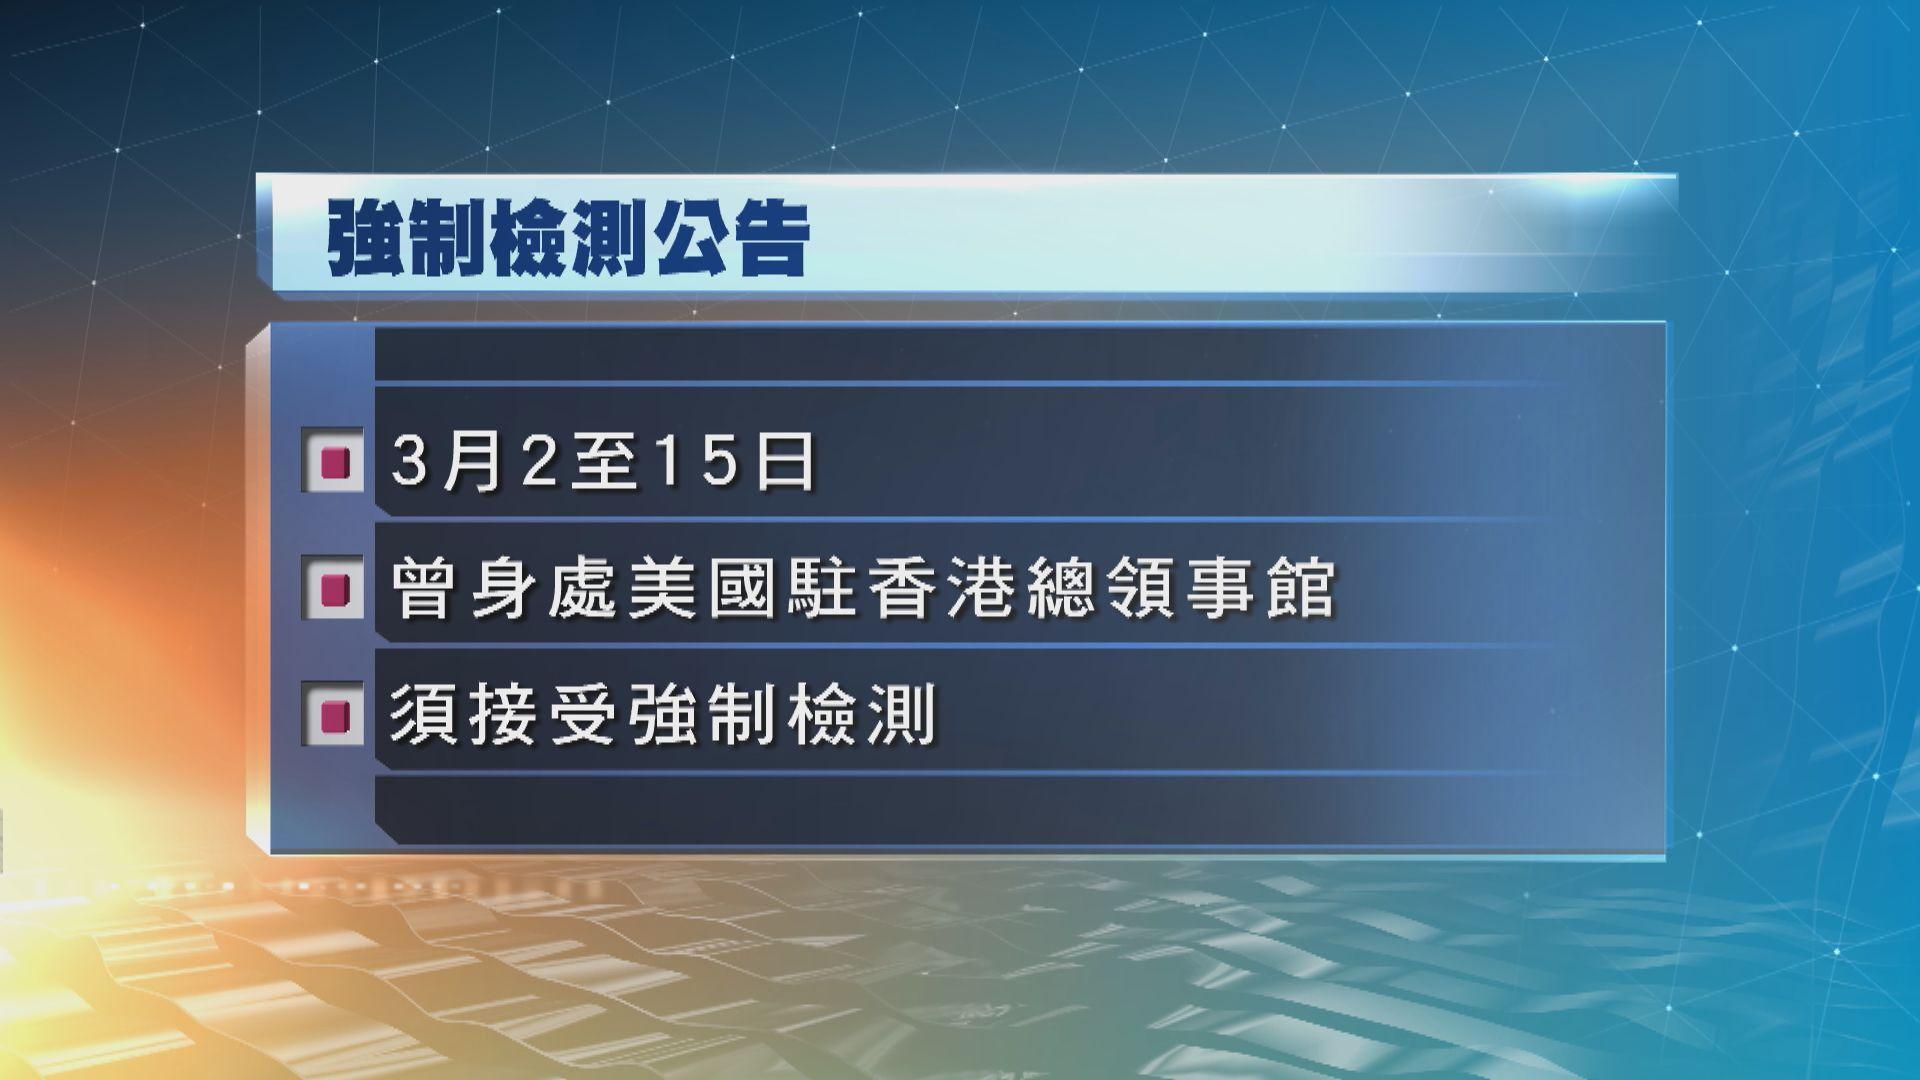 本月2至15日曾到美國駐香港總領事館人士須接受強制檢測